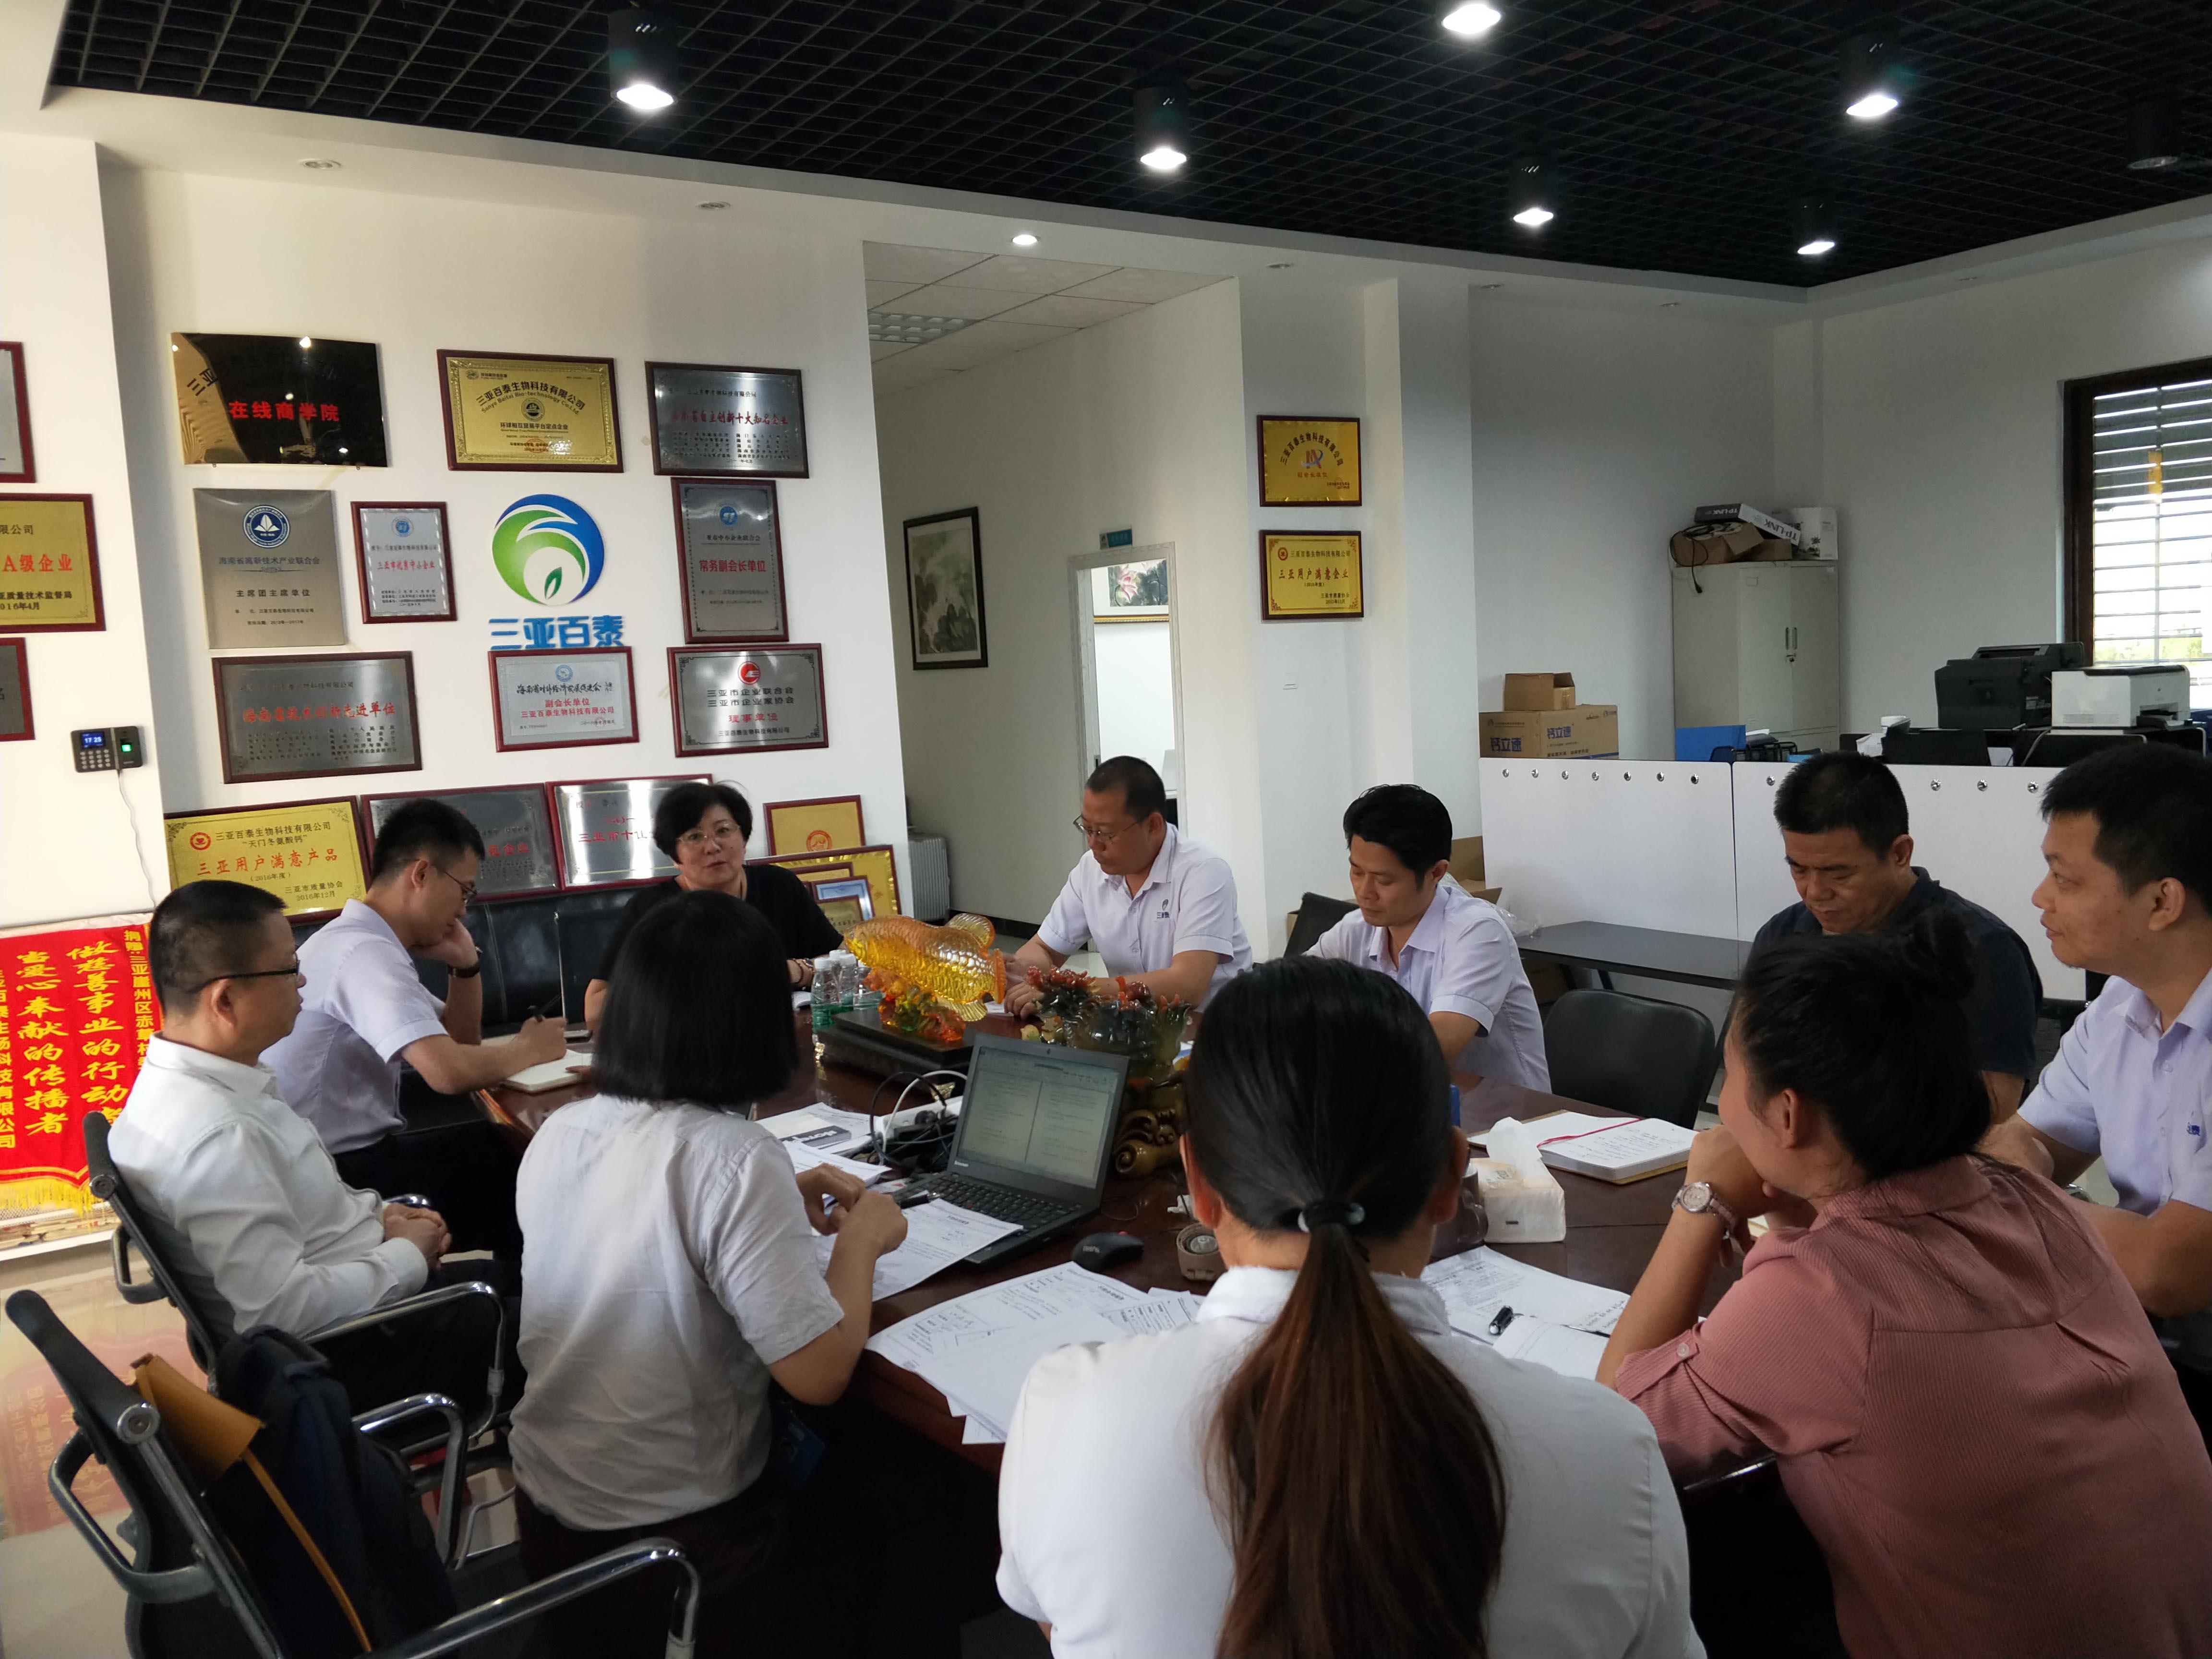 11月15日-16日中规(北京)认证有限公司对我司知识产权管理体系进行复审